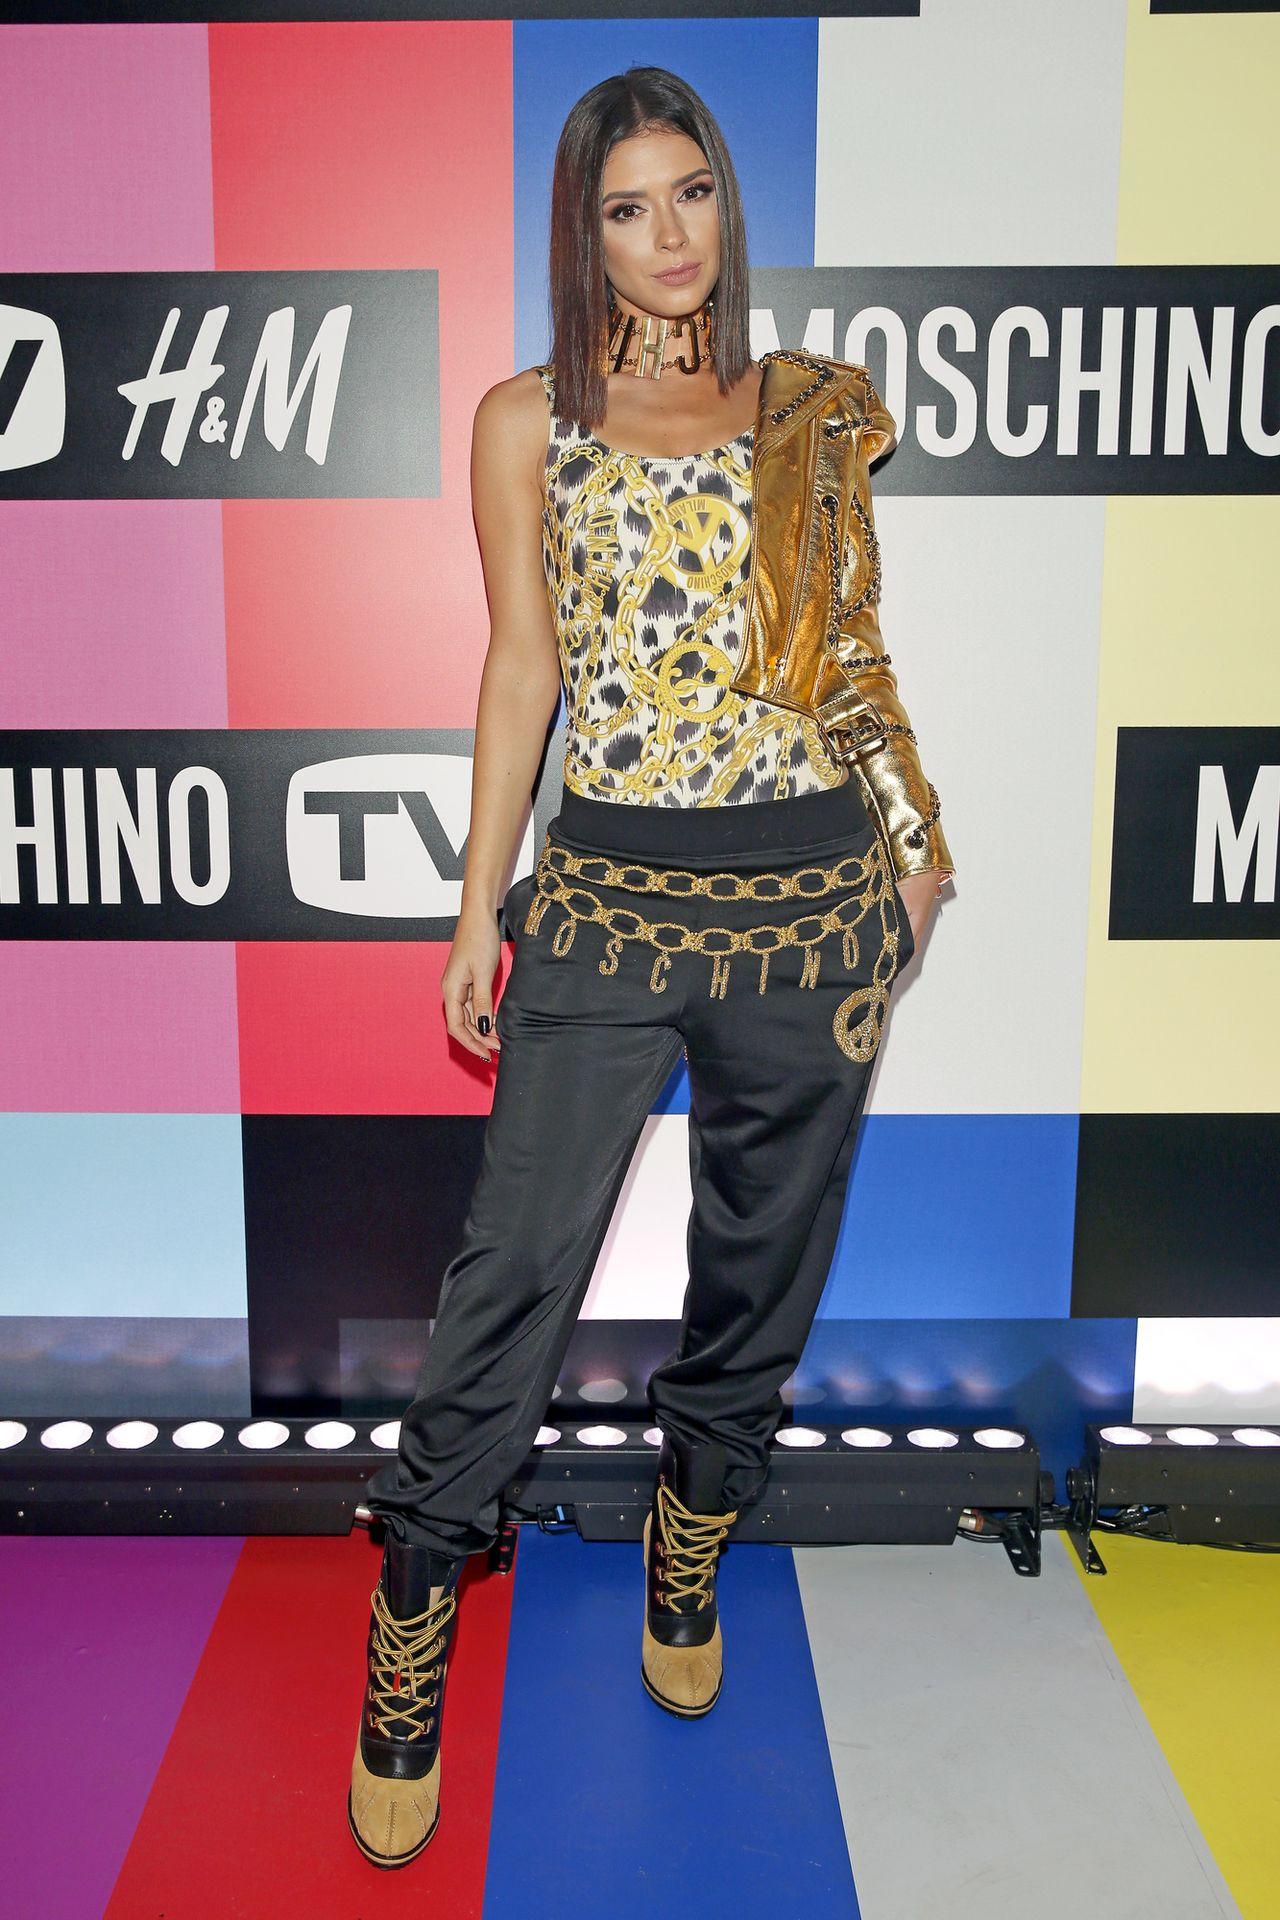 Gwiazdy na pokazie kolekcji Moschino dla H&M (ZDJĘCIA)